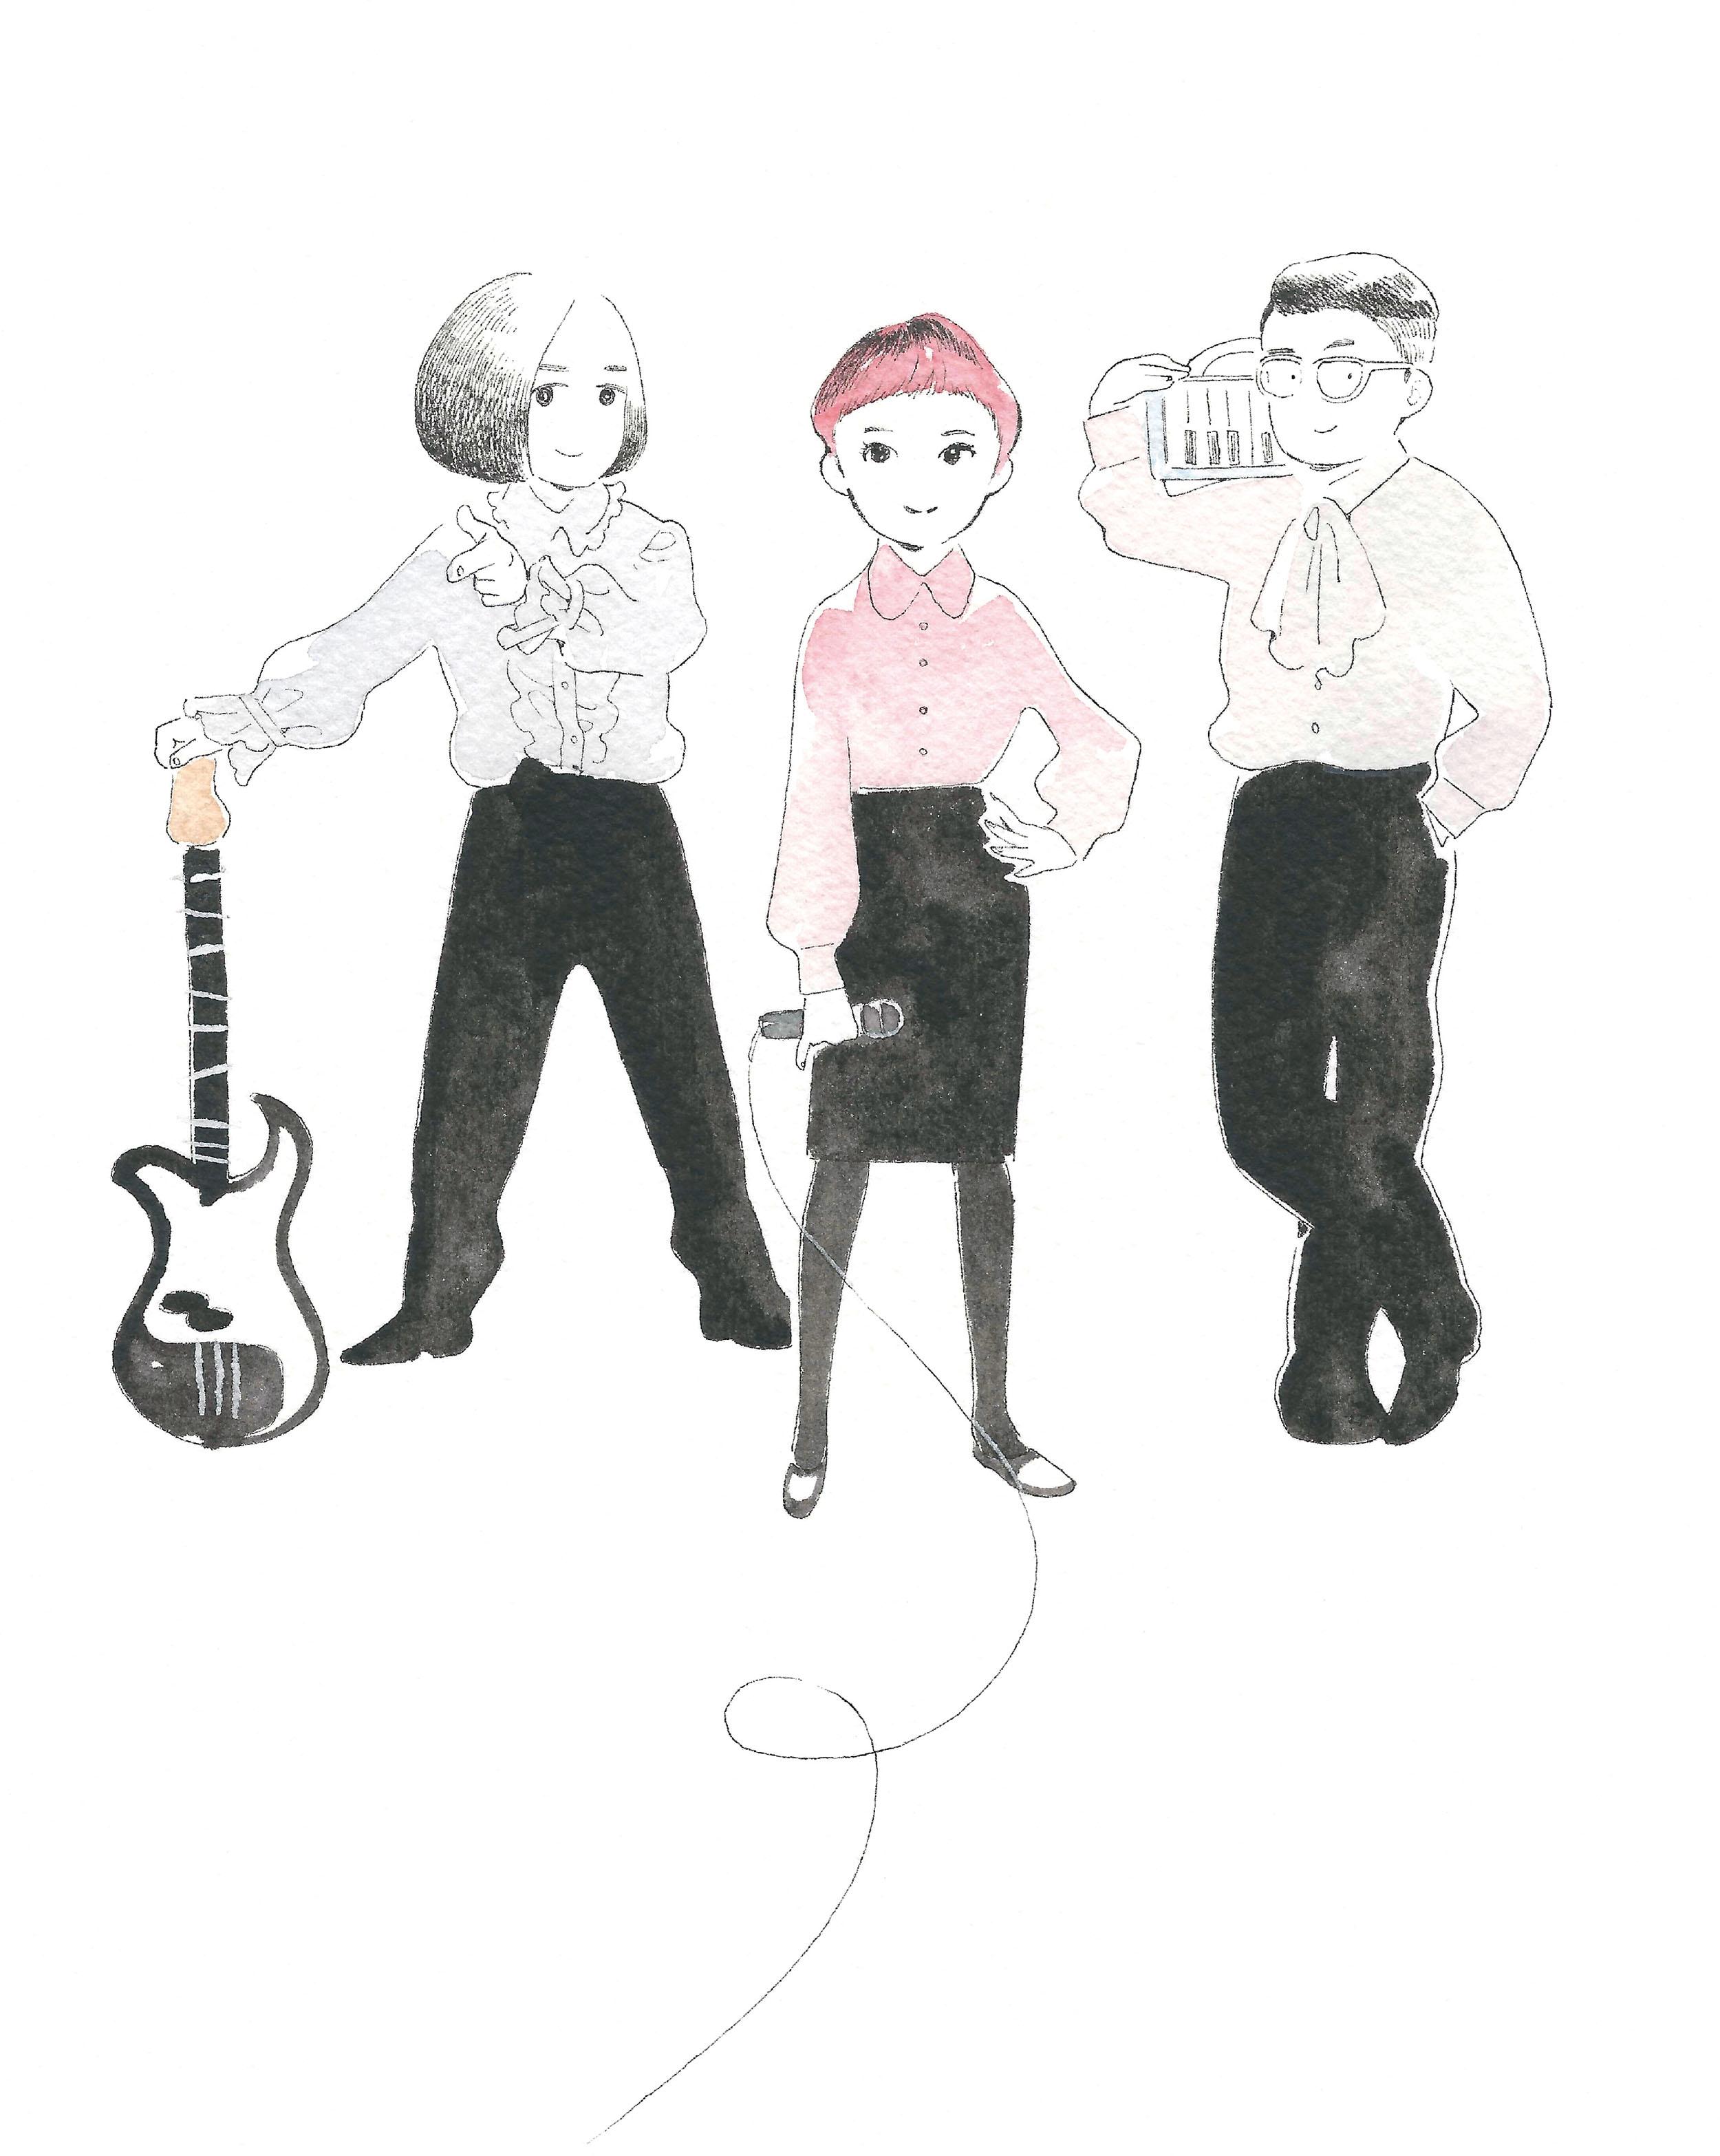 空気公団『僕の心に街ができて』ライブツアー2018 ツアー全17会場解禁!!